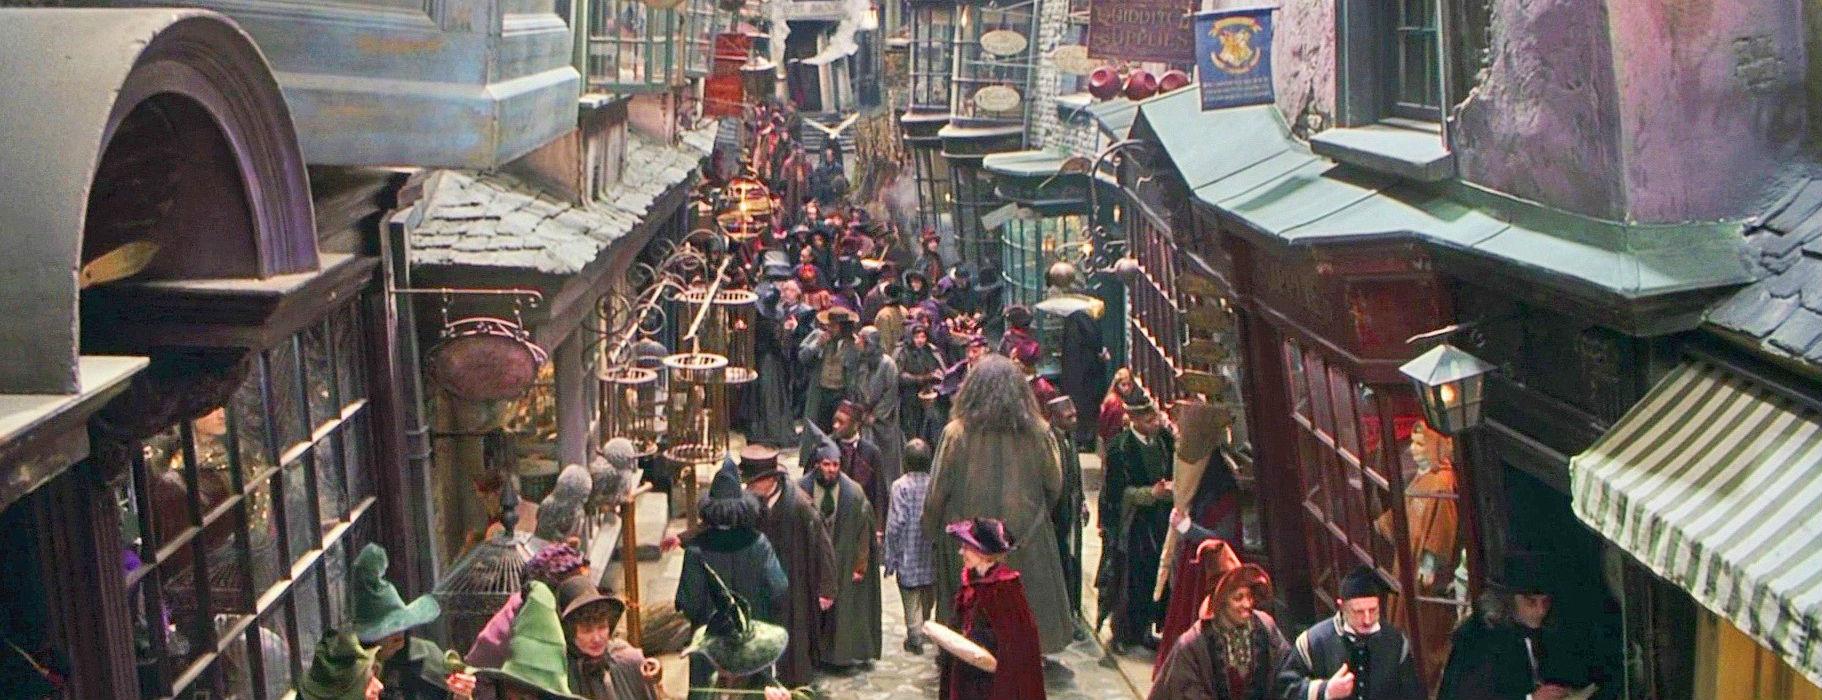 Harry Potter Un Chemin De Traverse Ouvre En Australie